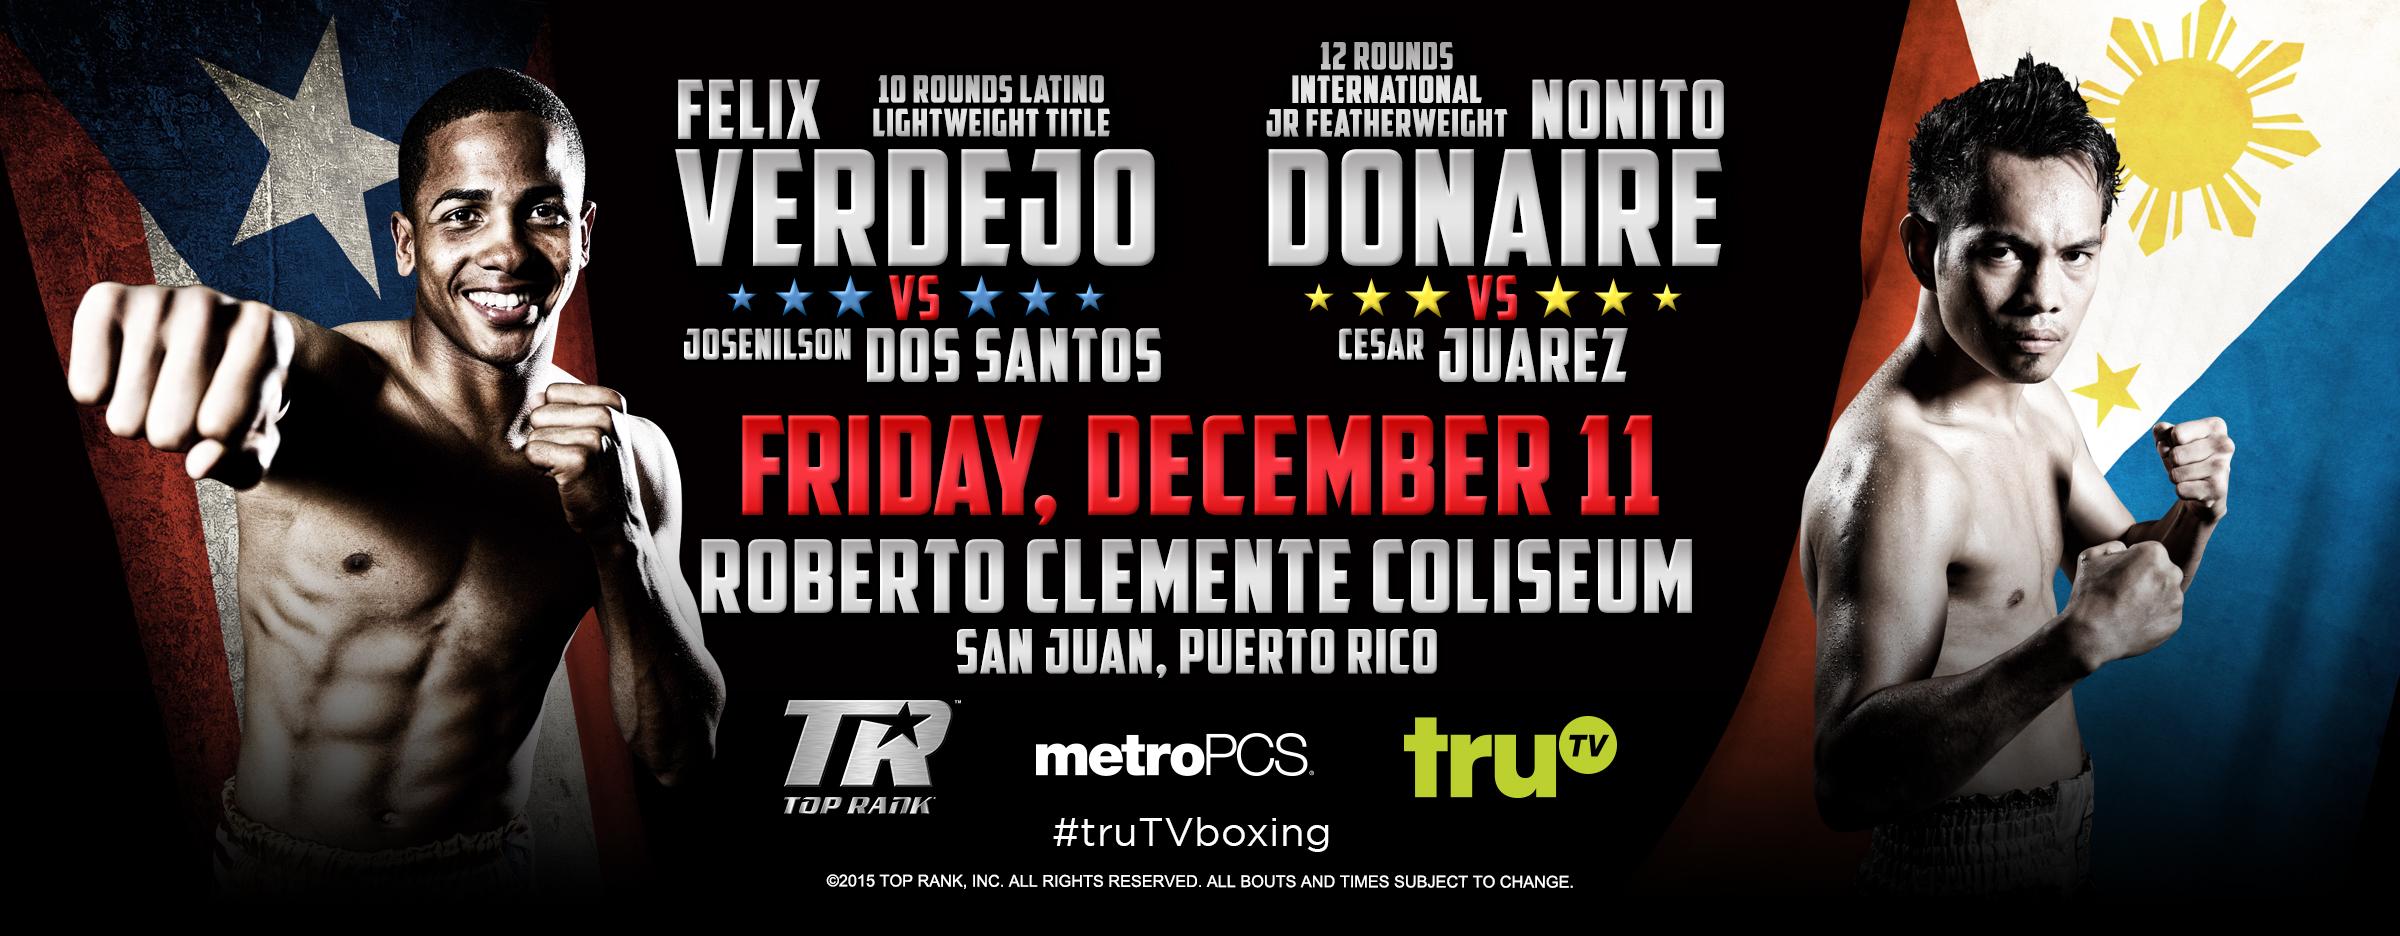 Verdejo Donaire poster TruTV